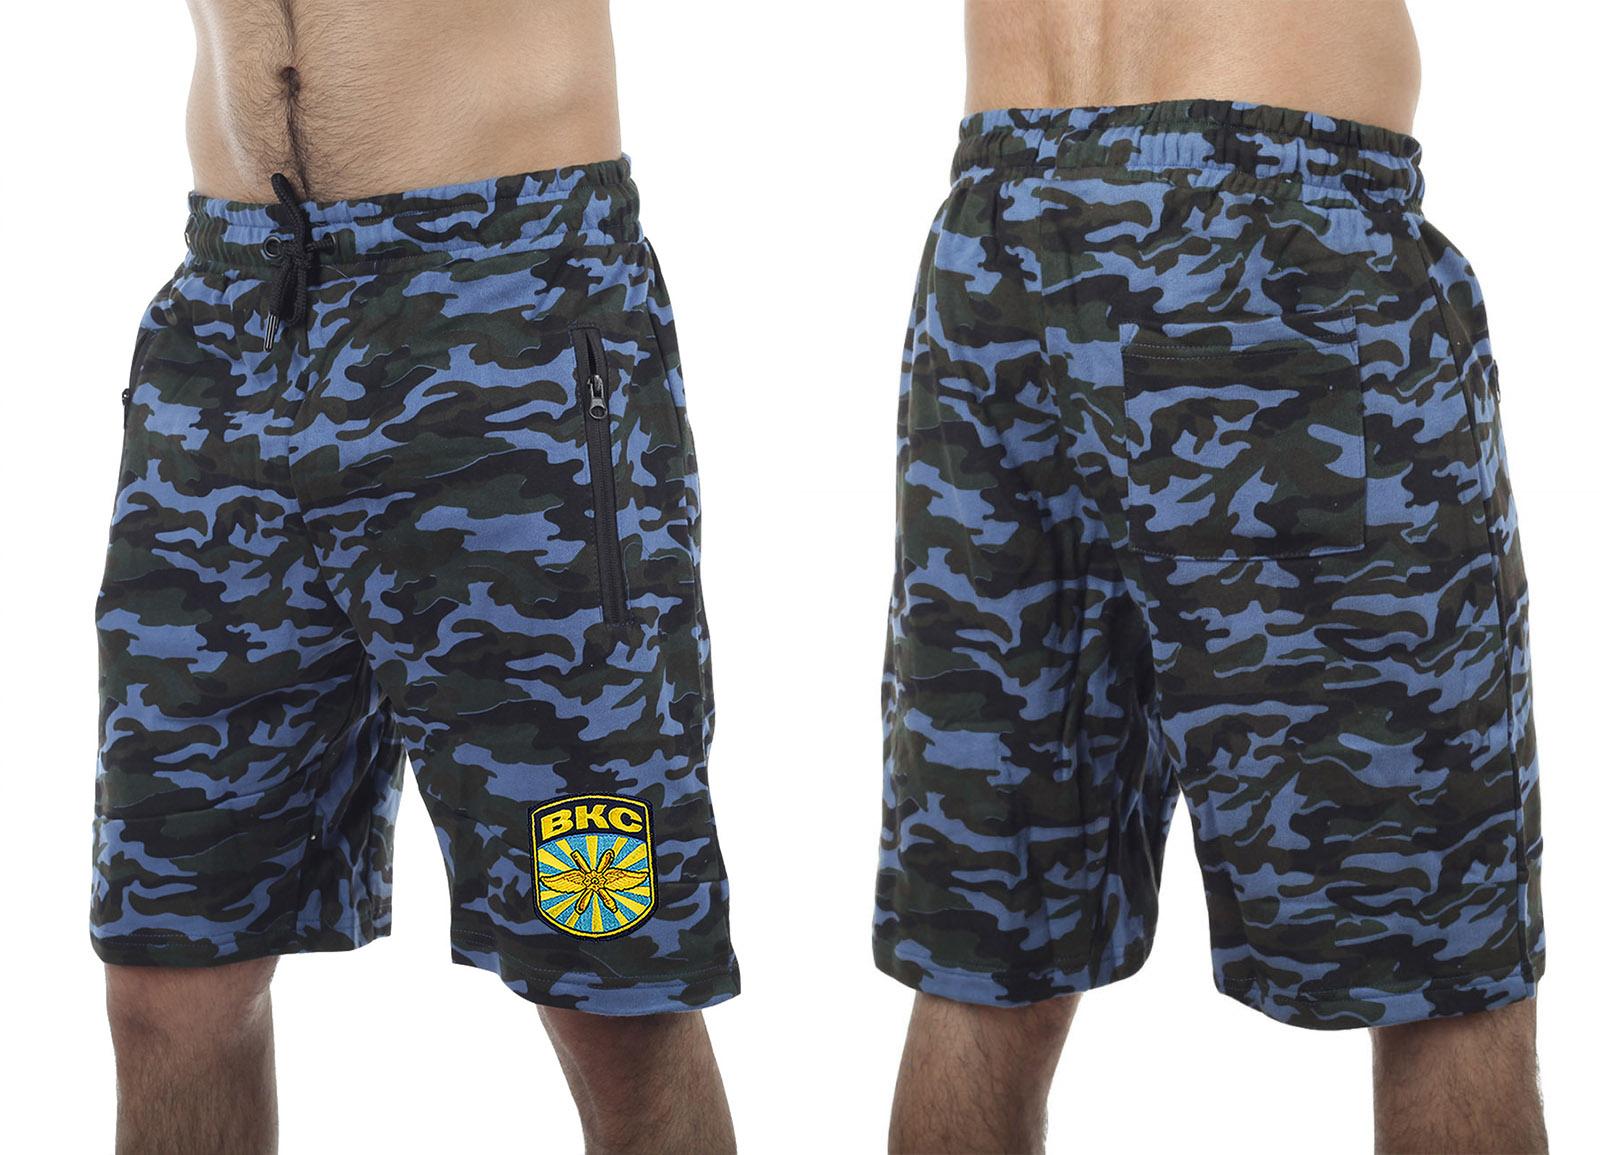 Особенные шорты с карманами и нашивкой ВКС - купить по низкой цене